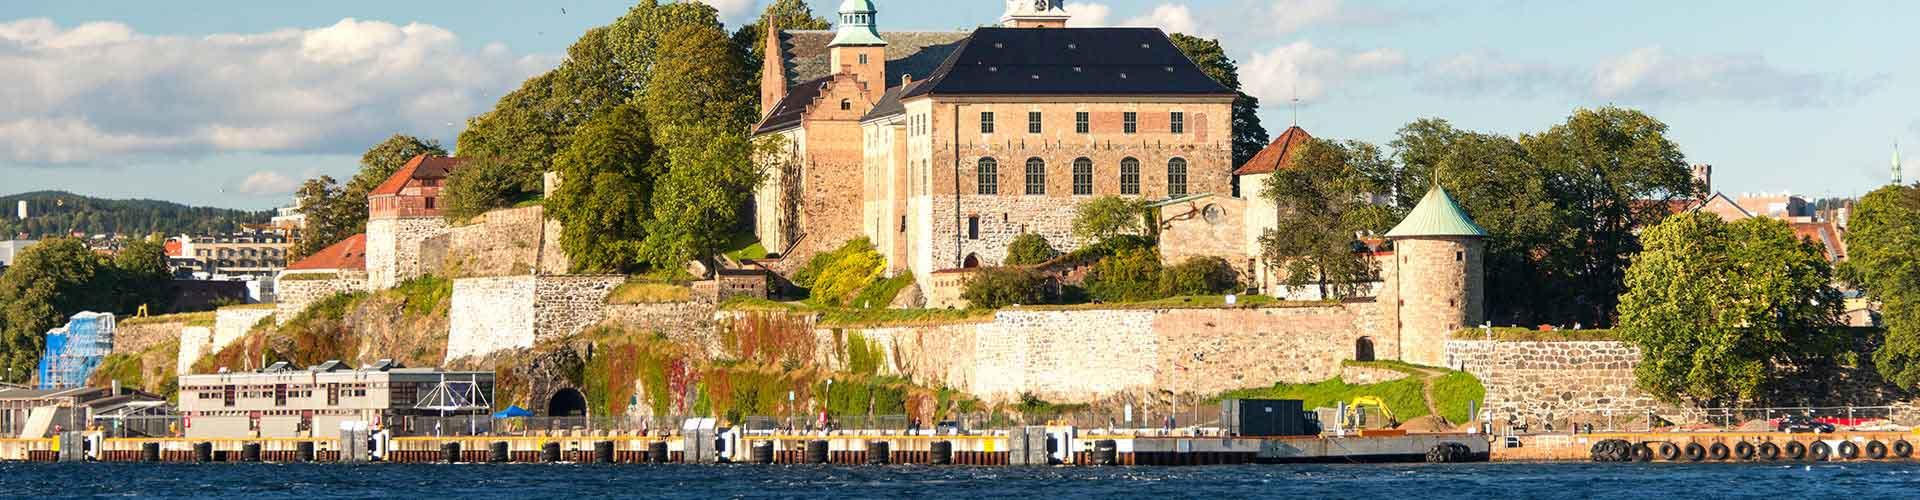 Oslo - Auberges de jeunesse dans le quartier de Ensjø. Cartes pour Oslo, photos et commentaires pour chaque auberge de jeunesse à Oslo.